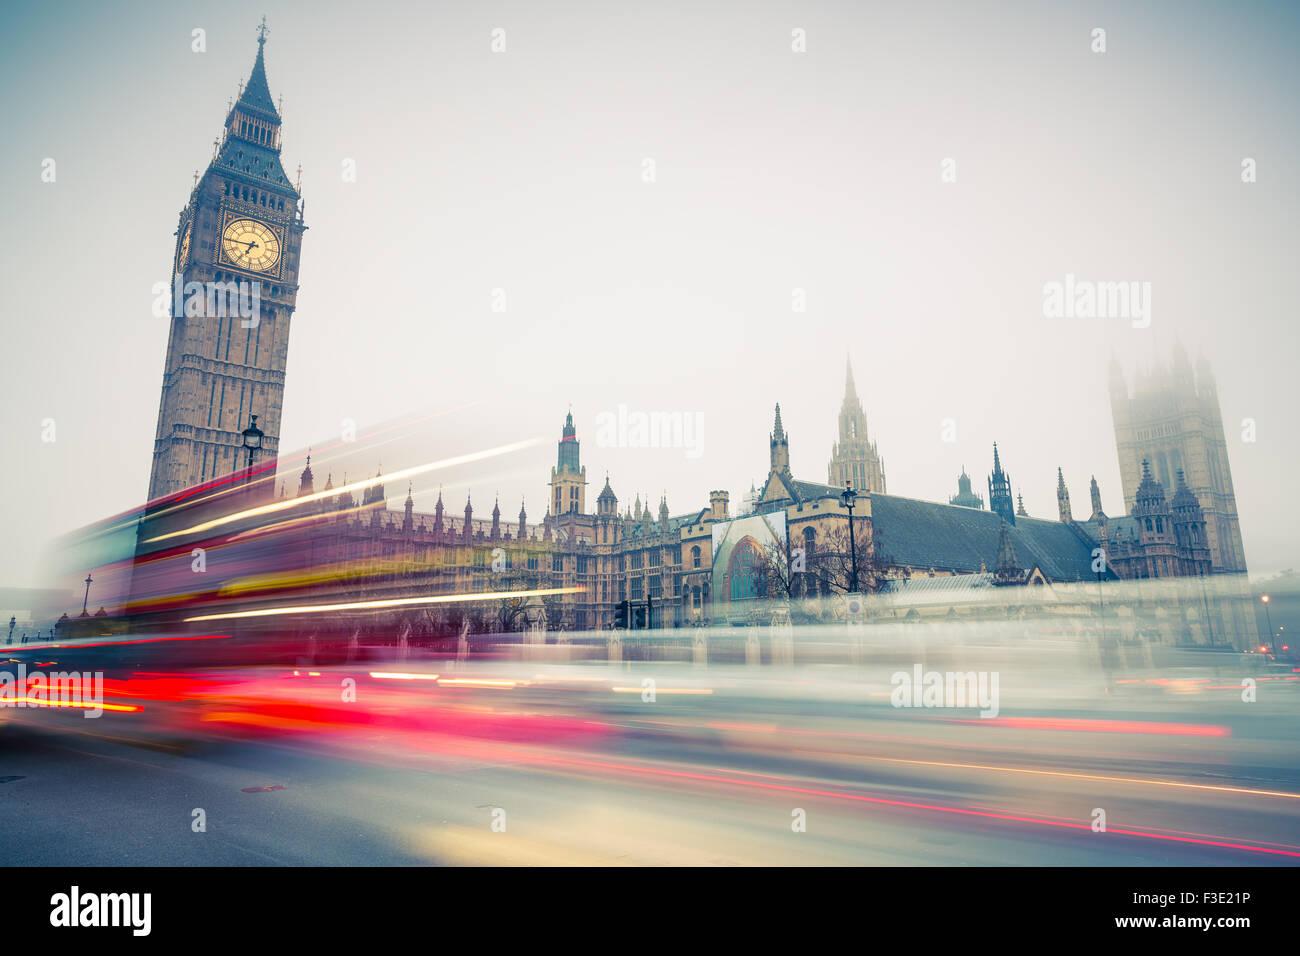 El Big Ben y el autobús de dos pisos, Londres Imagen De Stock